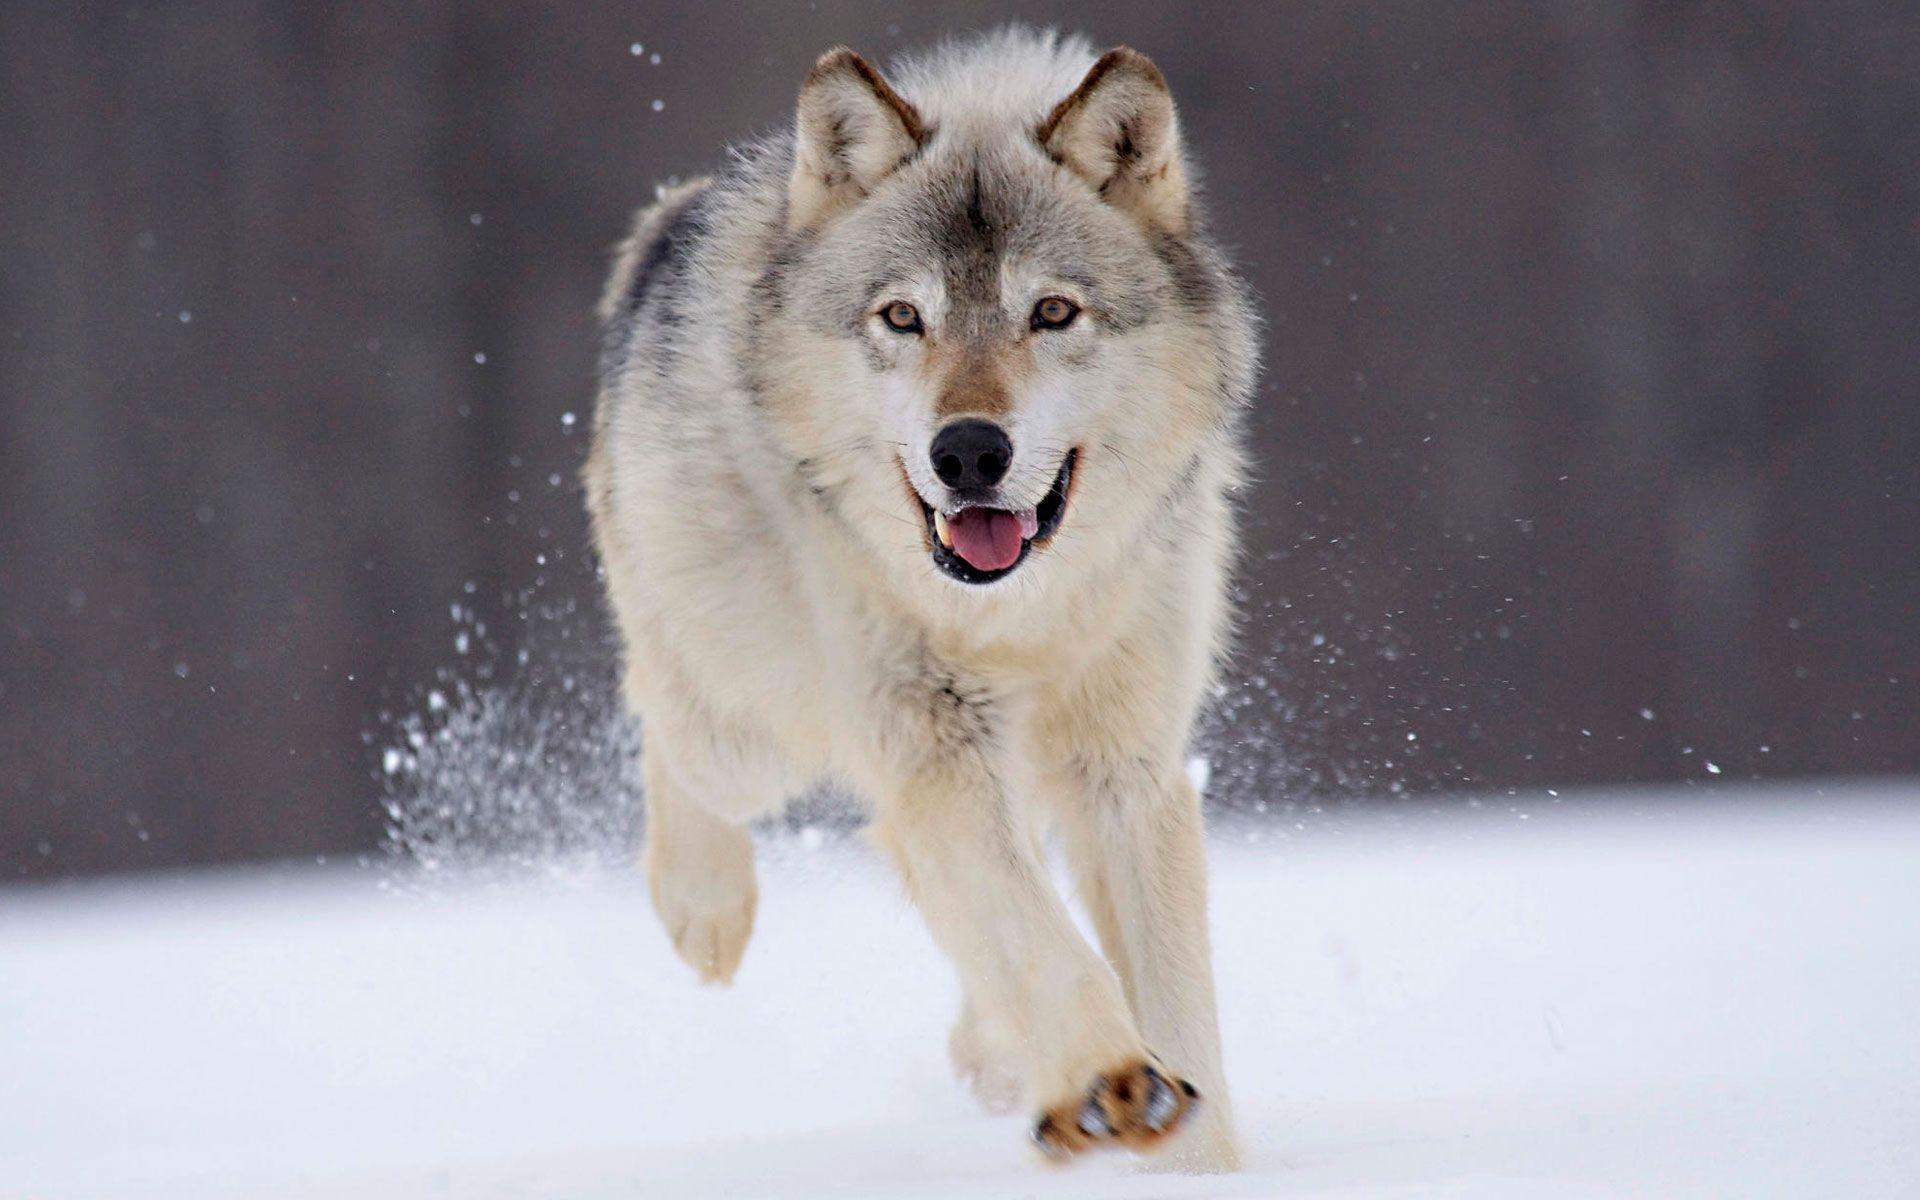 Wolf HD wallpapers - A beautiful dog like animal